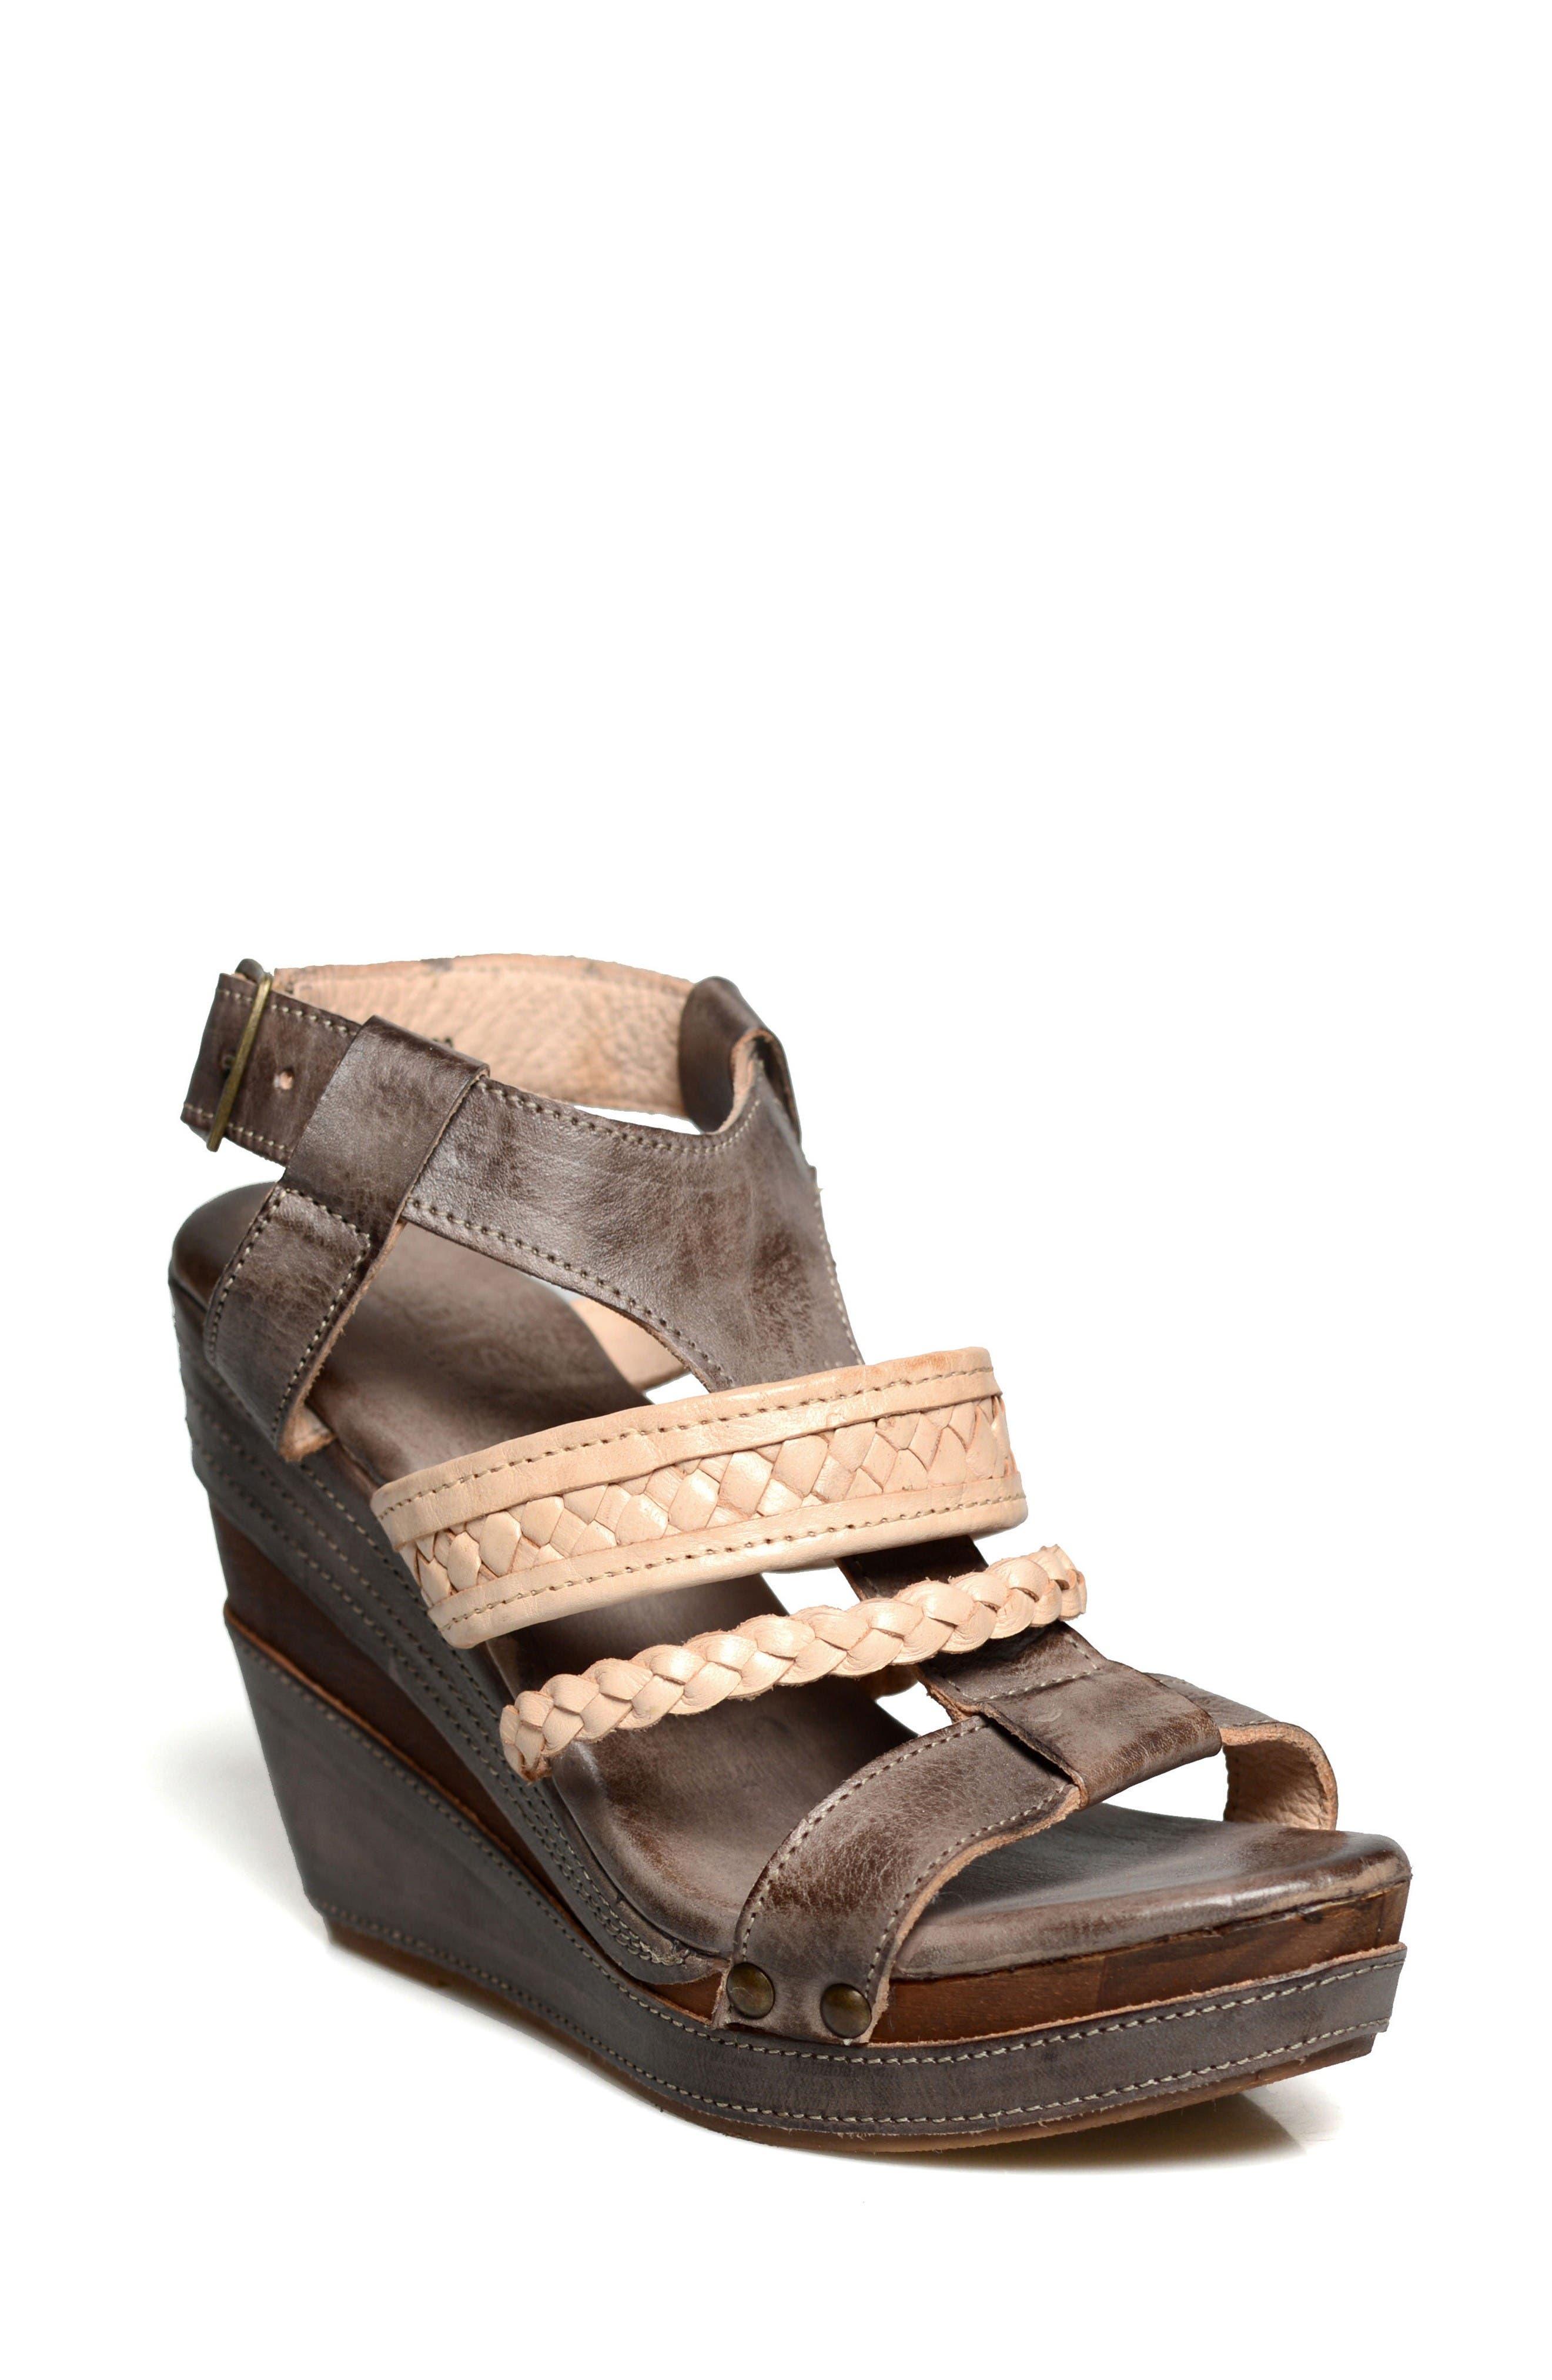 Alternate Image 1 Selected - Bed Stu Jaslyn Strappy Platform Sandal (Women)